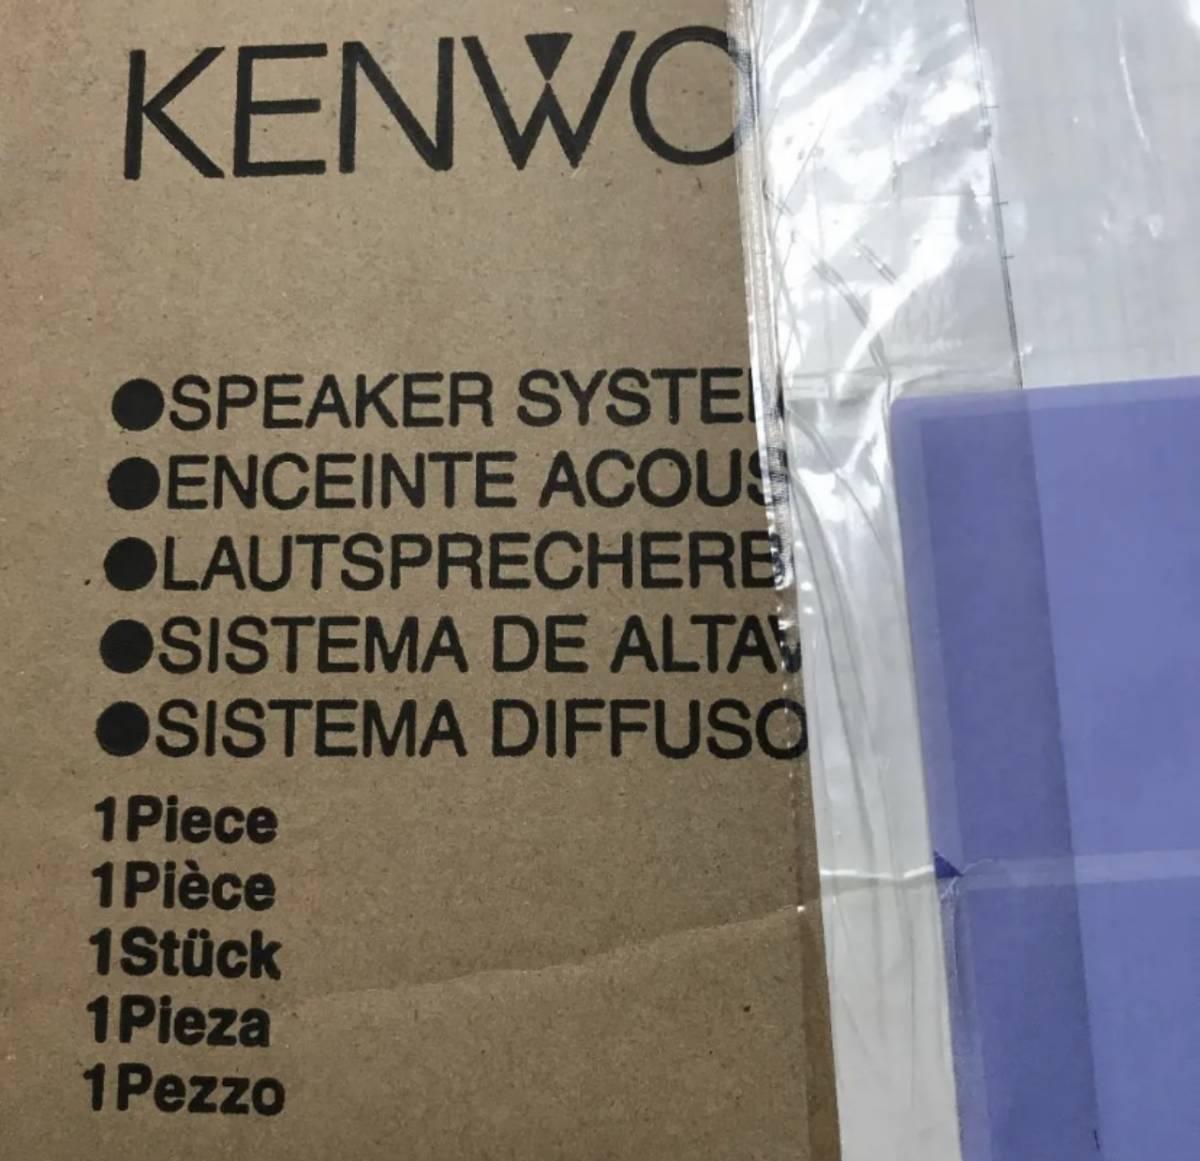 ★新品未使用品★LS-V530-W ケンウウッド トールボーイスピーカー(ペア) M07583_画像4